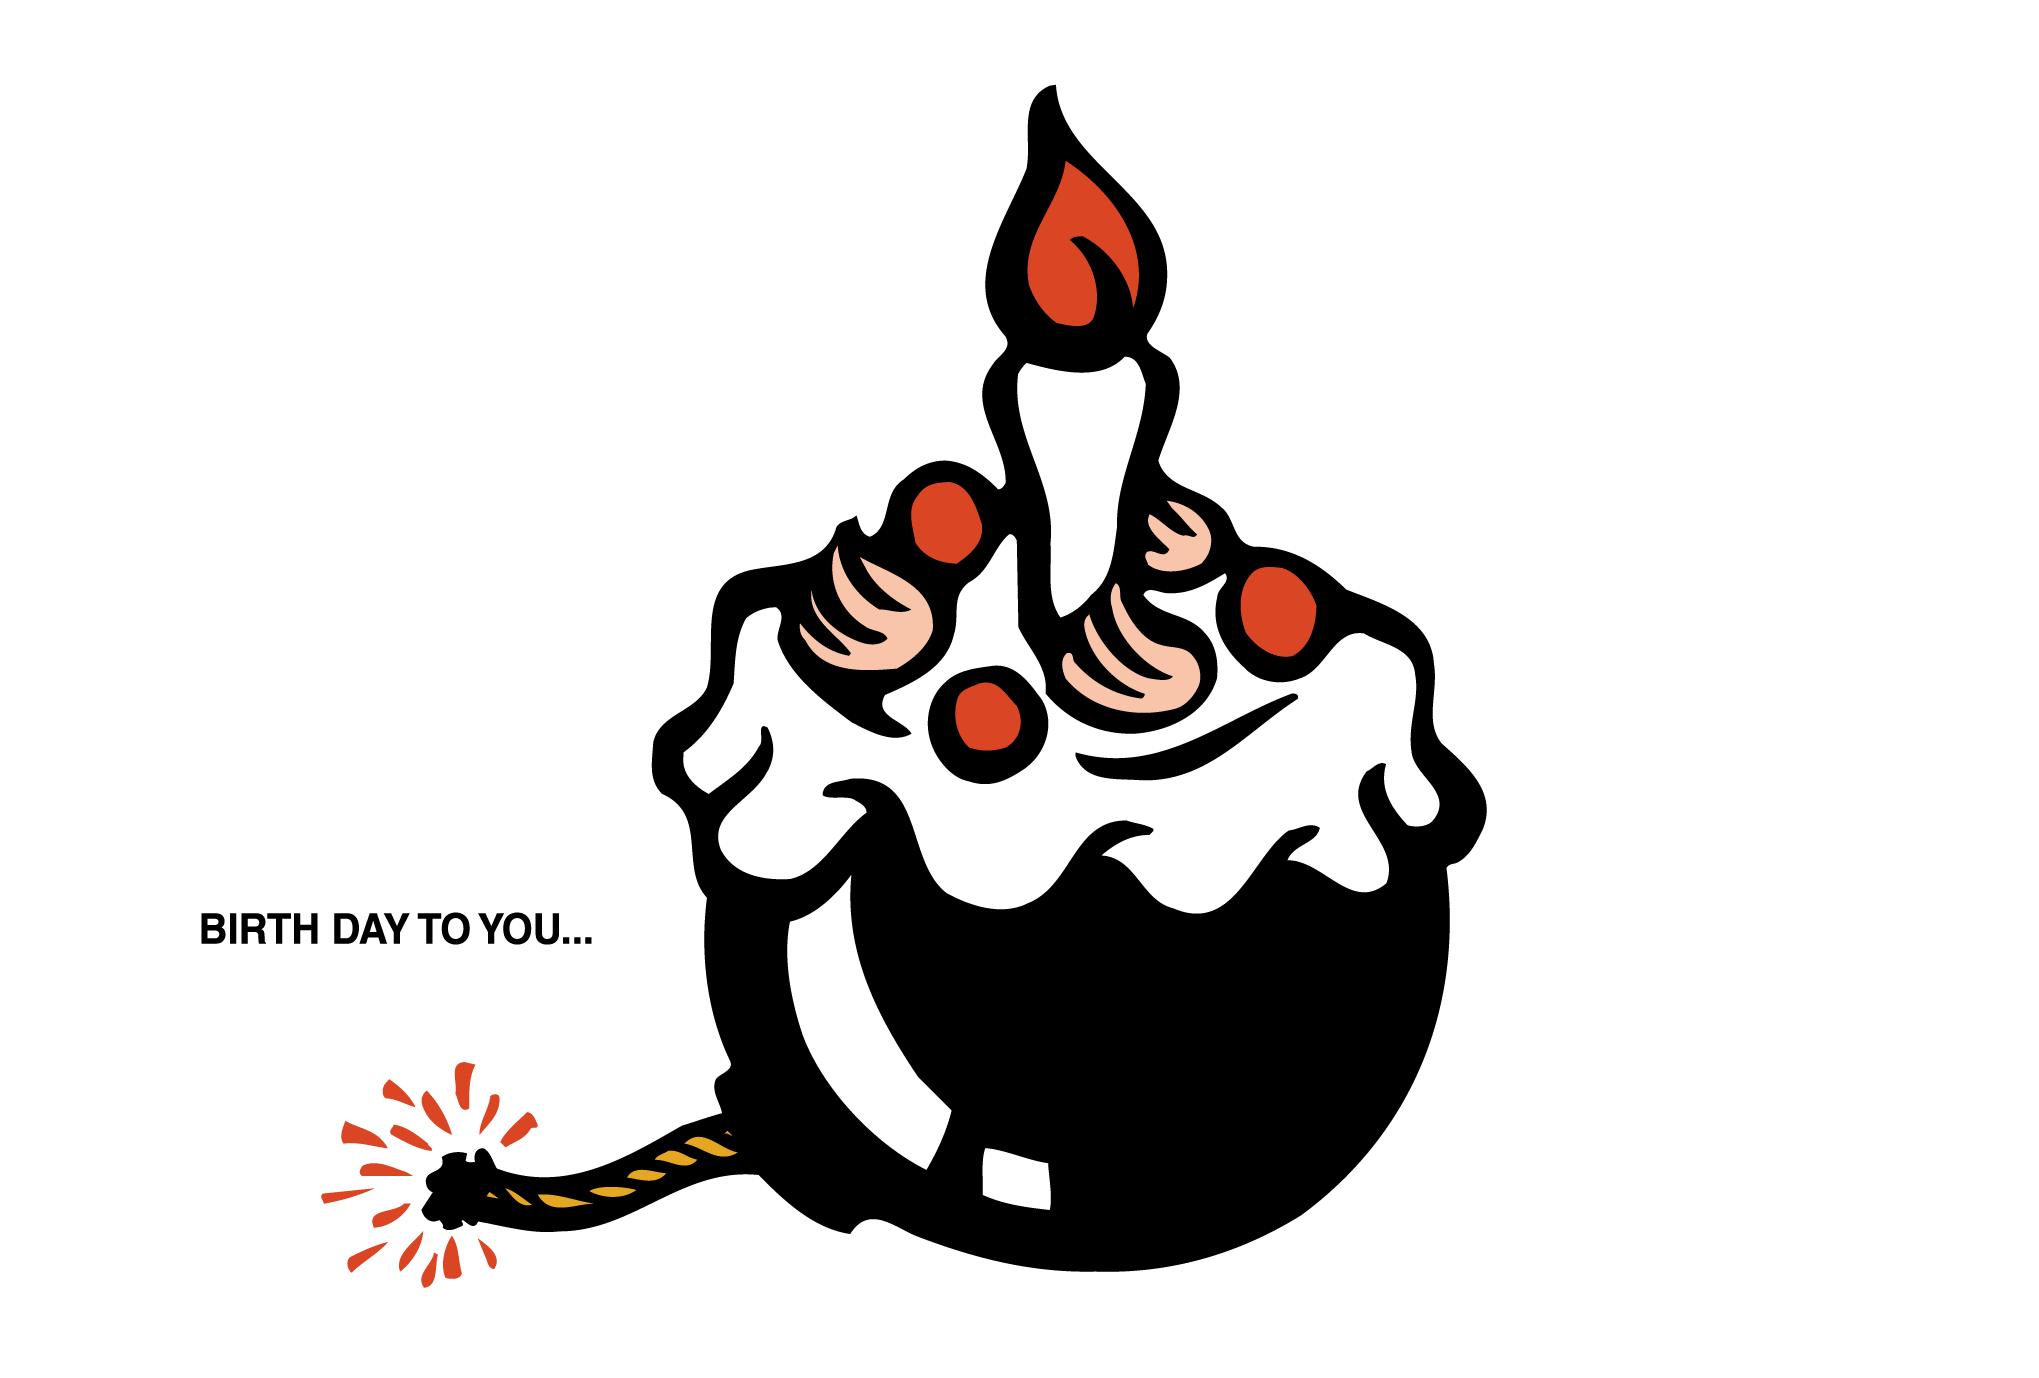 バースデーカード03:BIRTH DAY BOMBのダウンロード画像